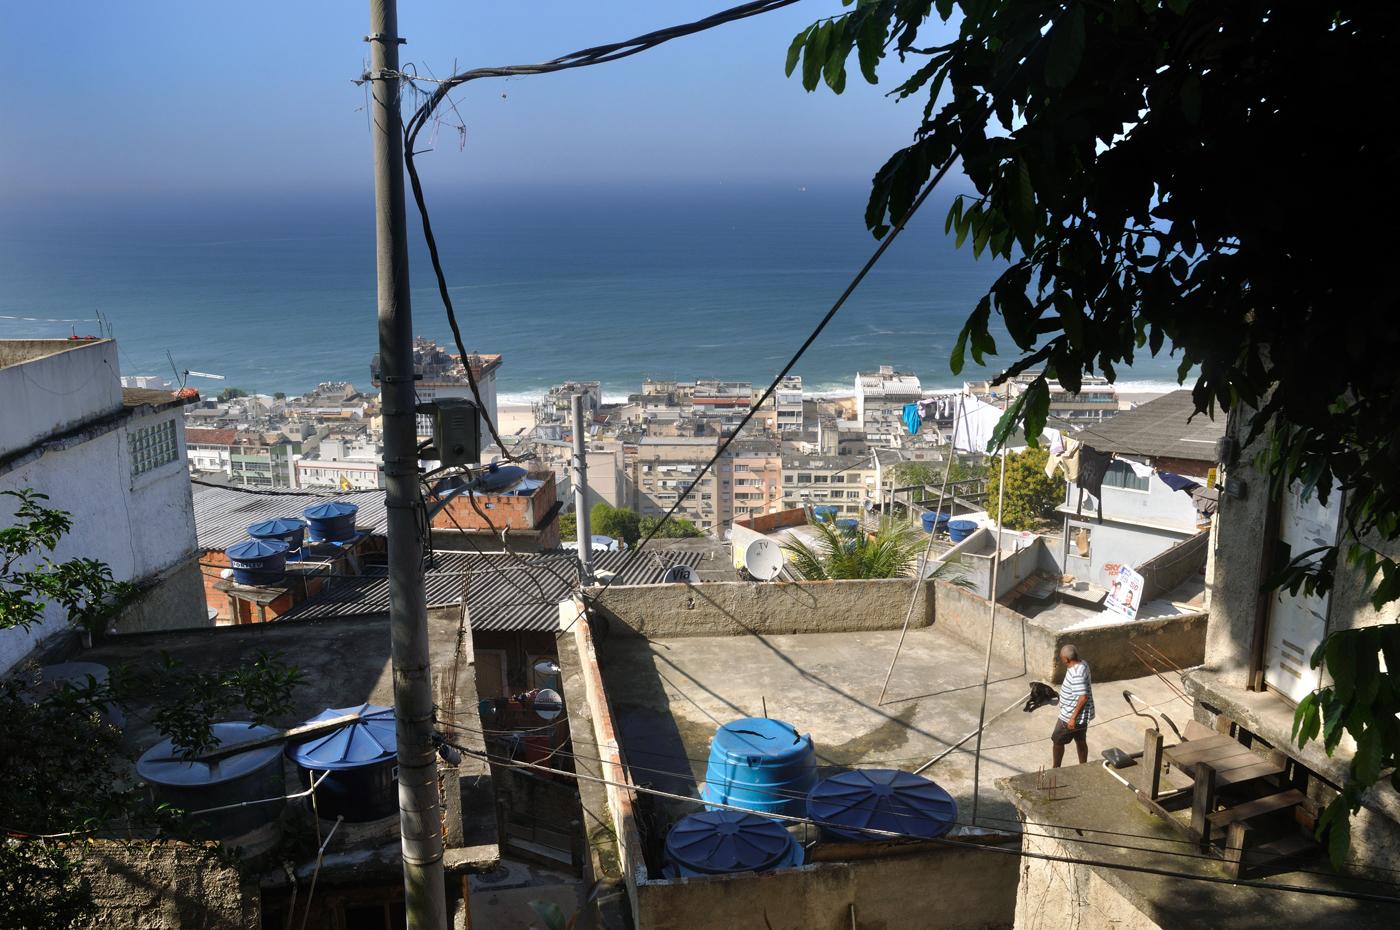 Der Blick hinab ins Tal bietet den Touristen oft den Kontrast von Armut einfachen Verhältnissen im Vordergrund und dem Strandparadies Copacabana im Hintergrund. (Bild: Andreas Lerg)